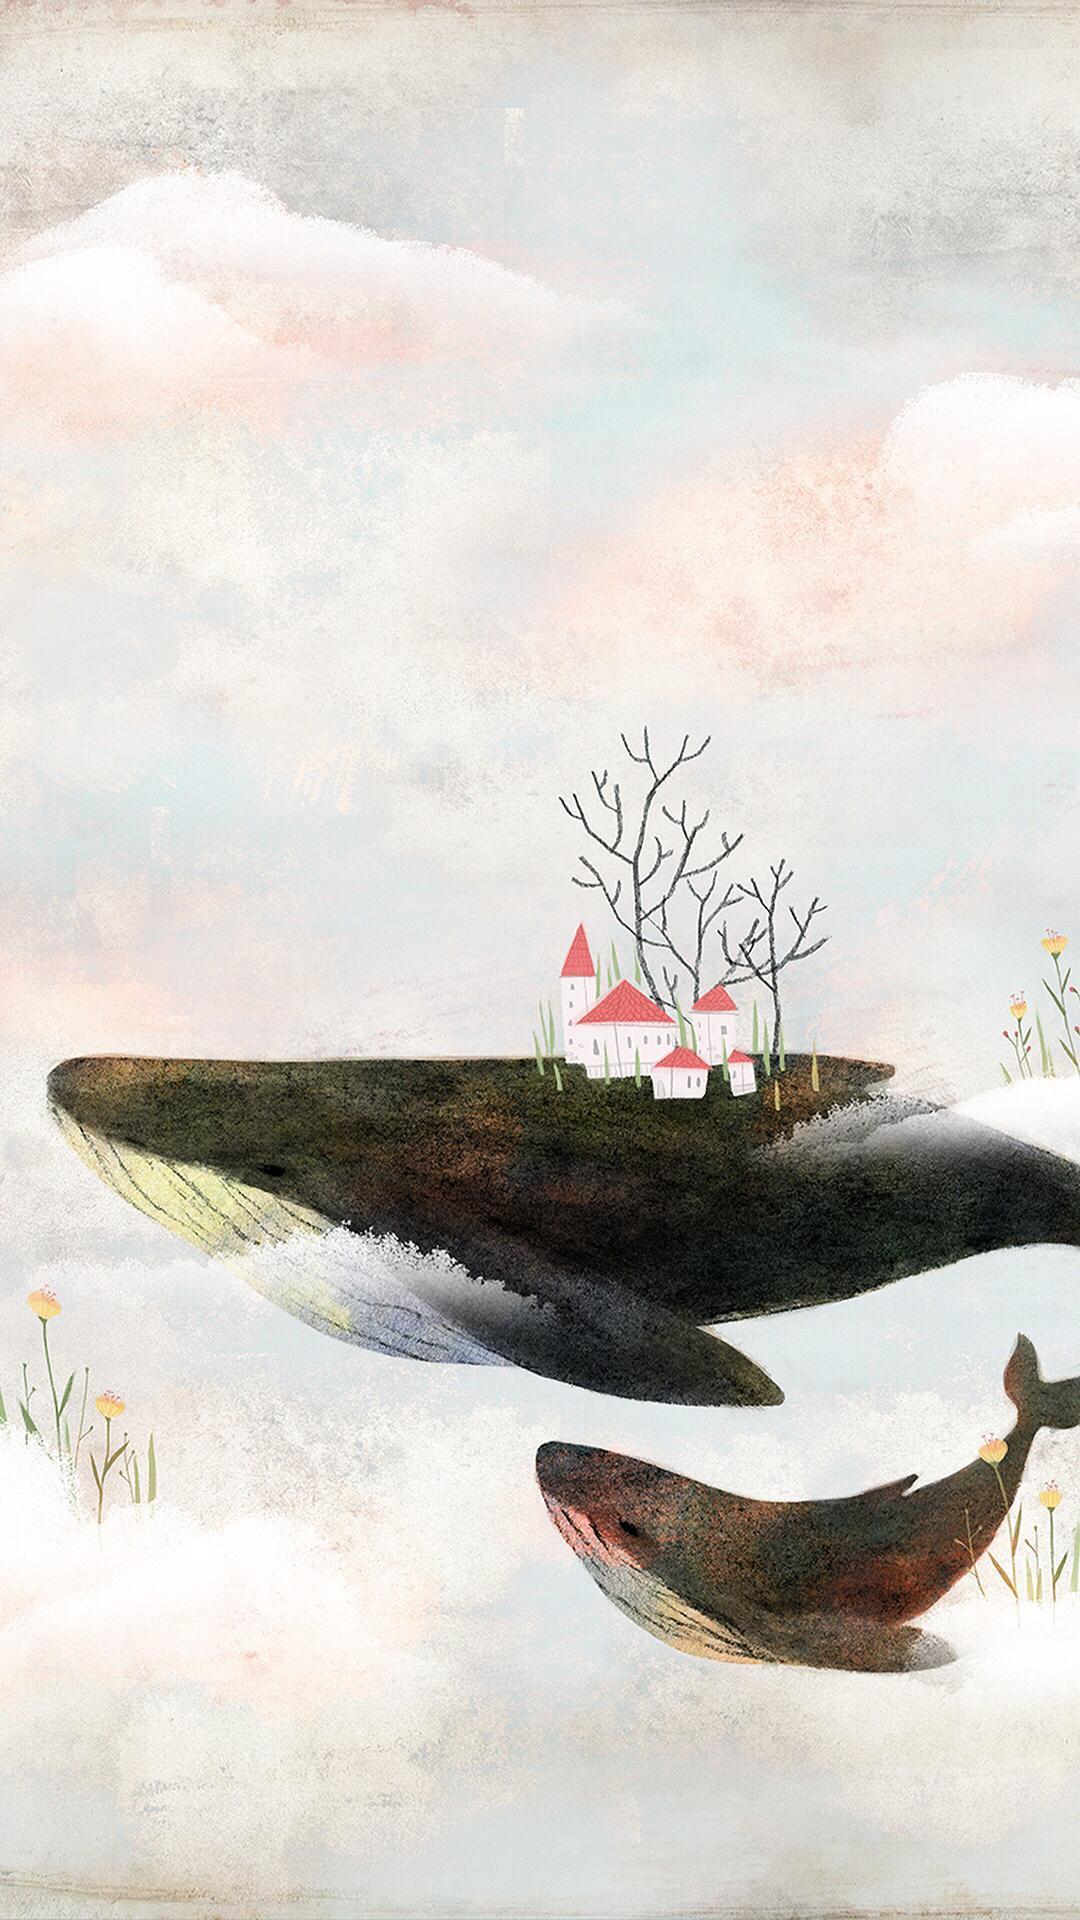 有没有关于鲸鱼的壁纸呢 很喜欢 一直找不到好看的?